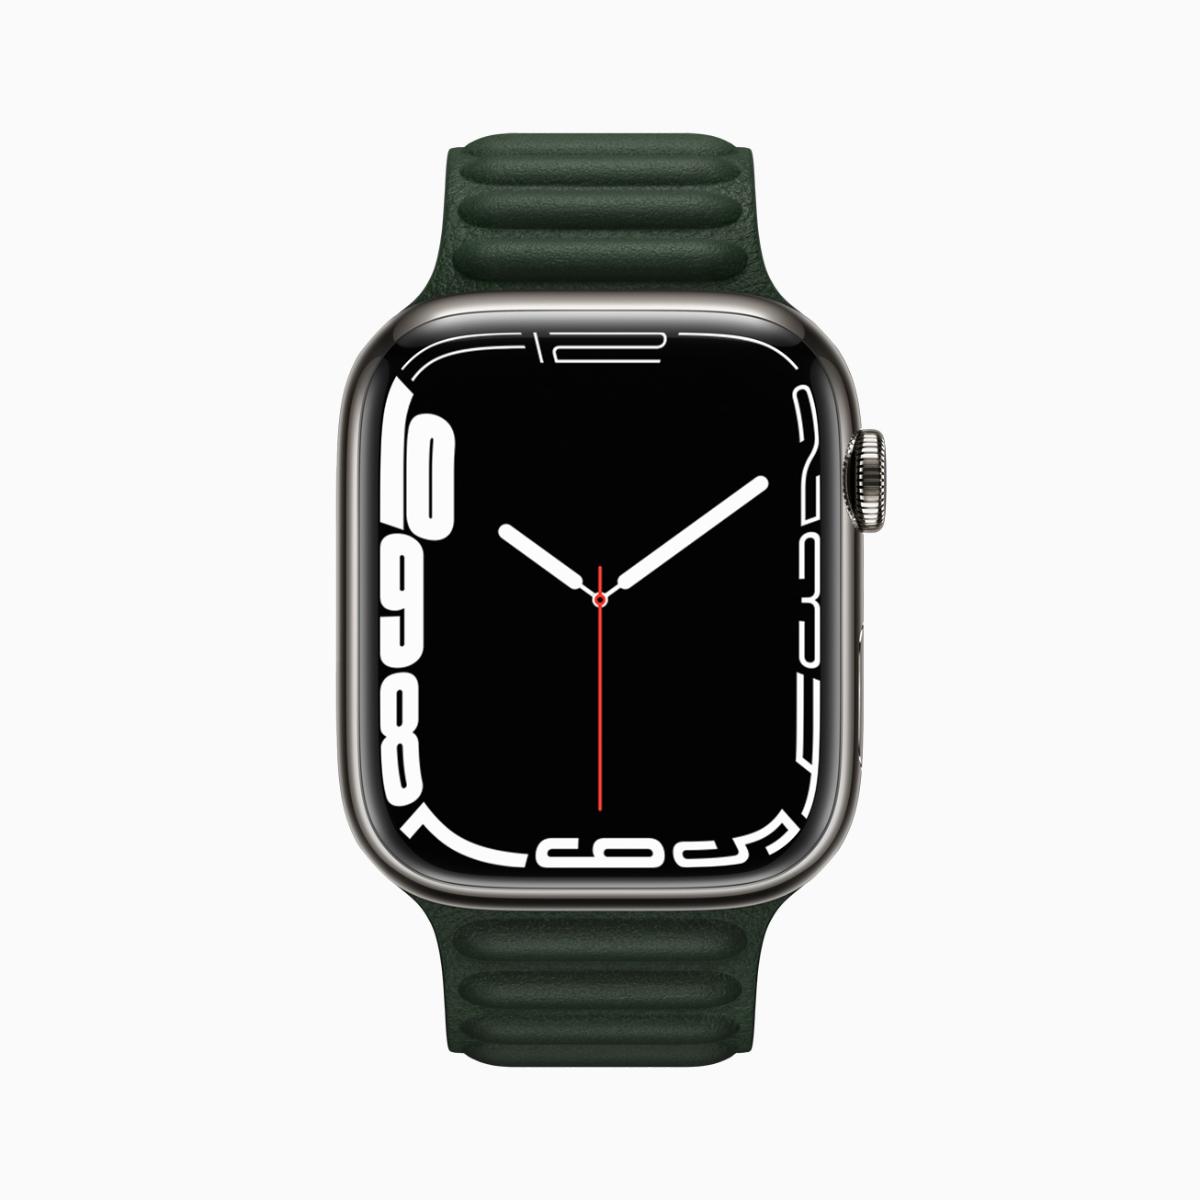 ontop.vn Apple watch series7 contour face 09142021 1